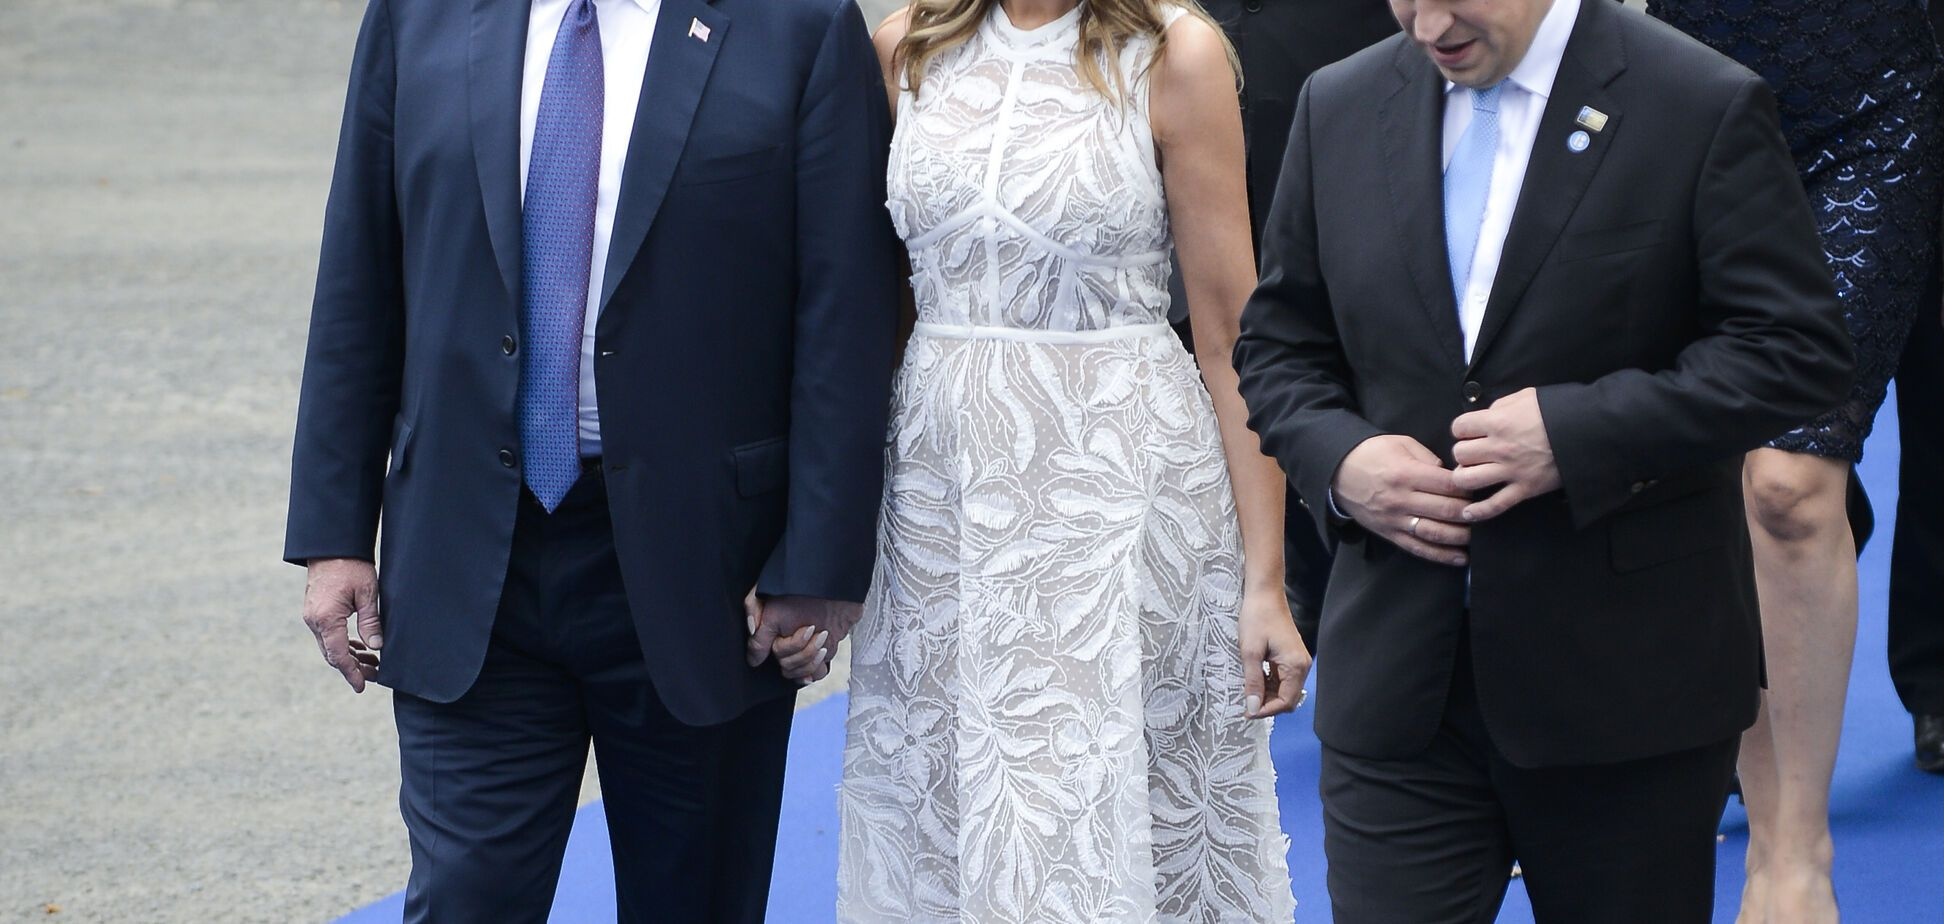 Мелания Трамп появилась на публике в полупрозрачном платье за 8 тысяч долларов